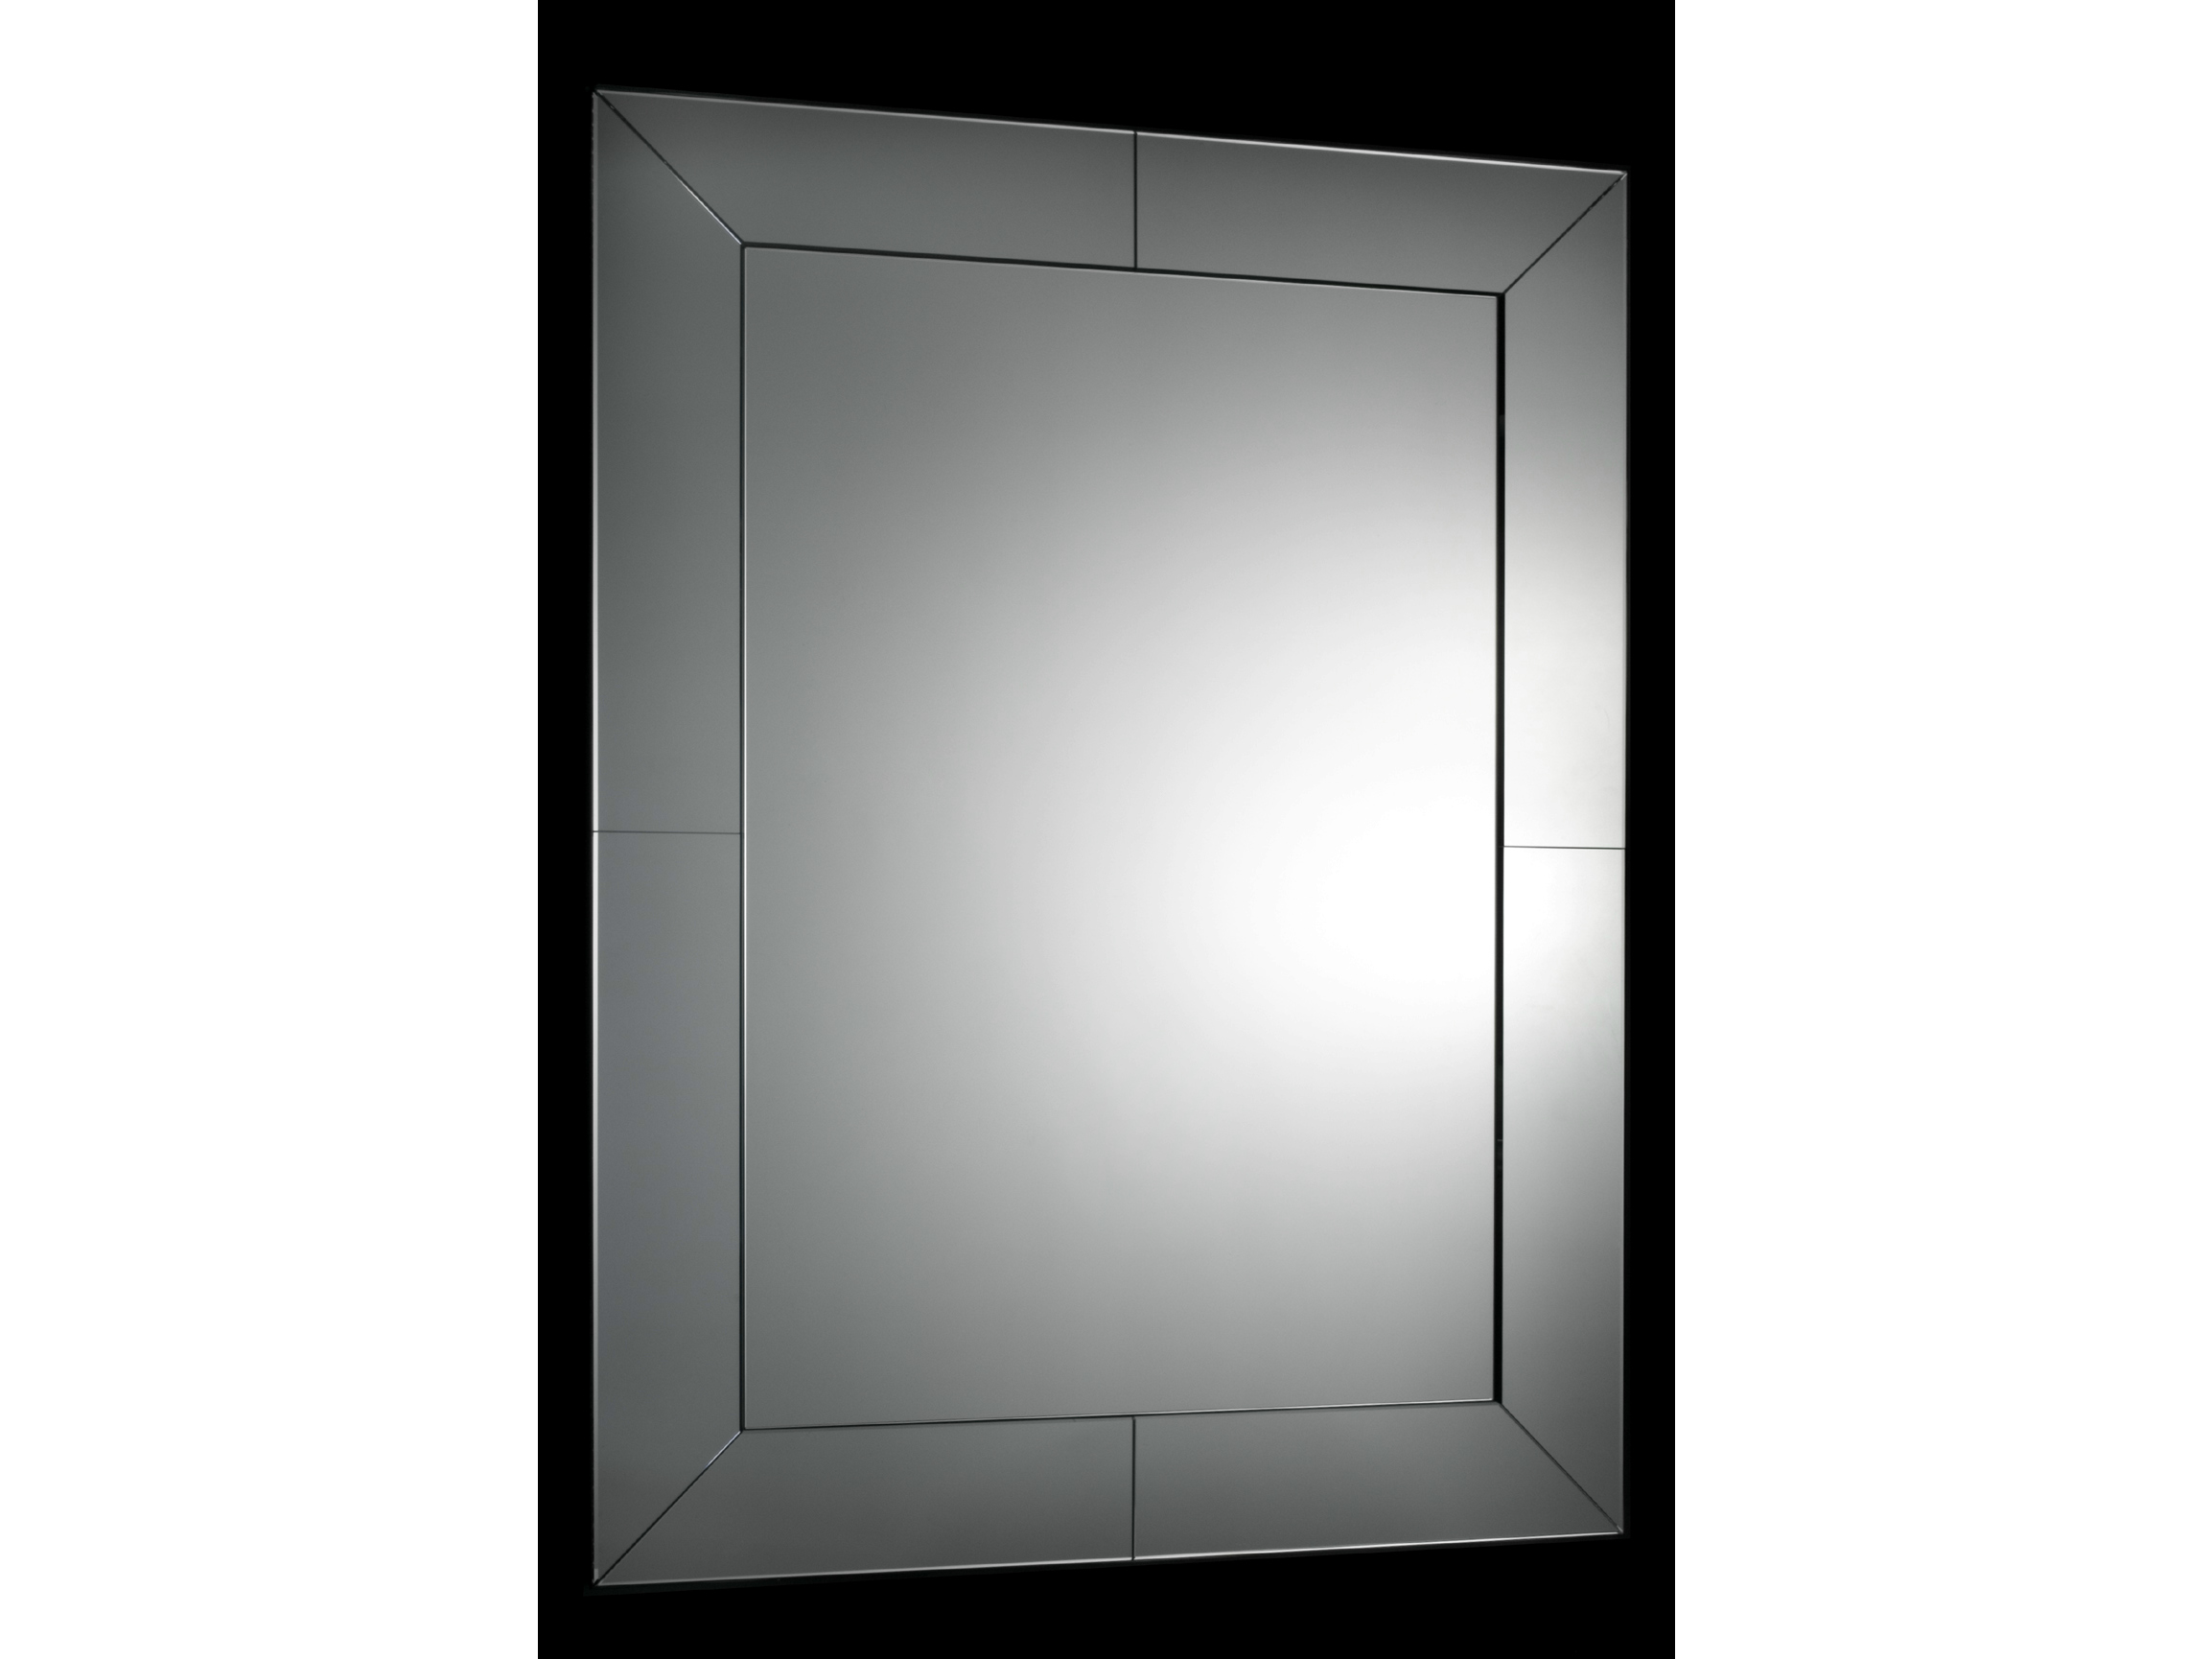 miroir mural avec cadre pour salle de bain veneziana by. Black Bedroom Furniture Sets. Home Design Ideas